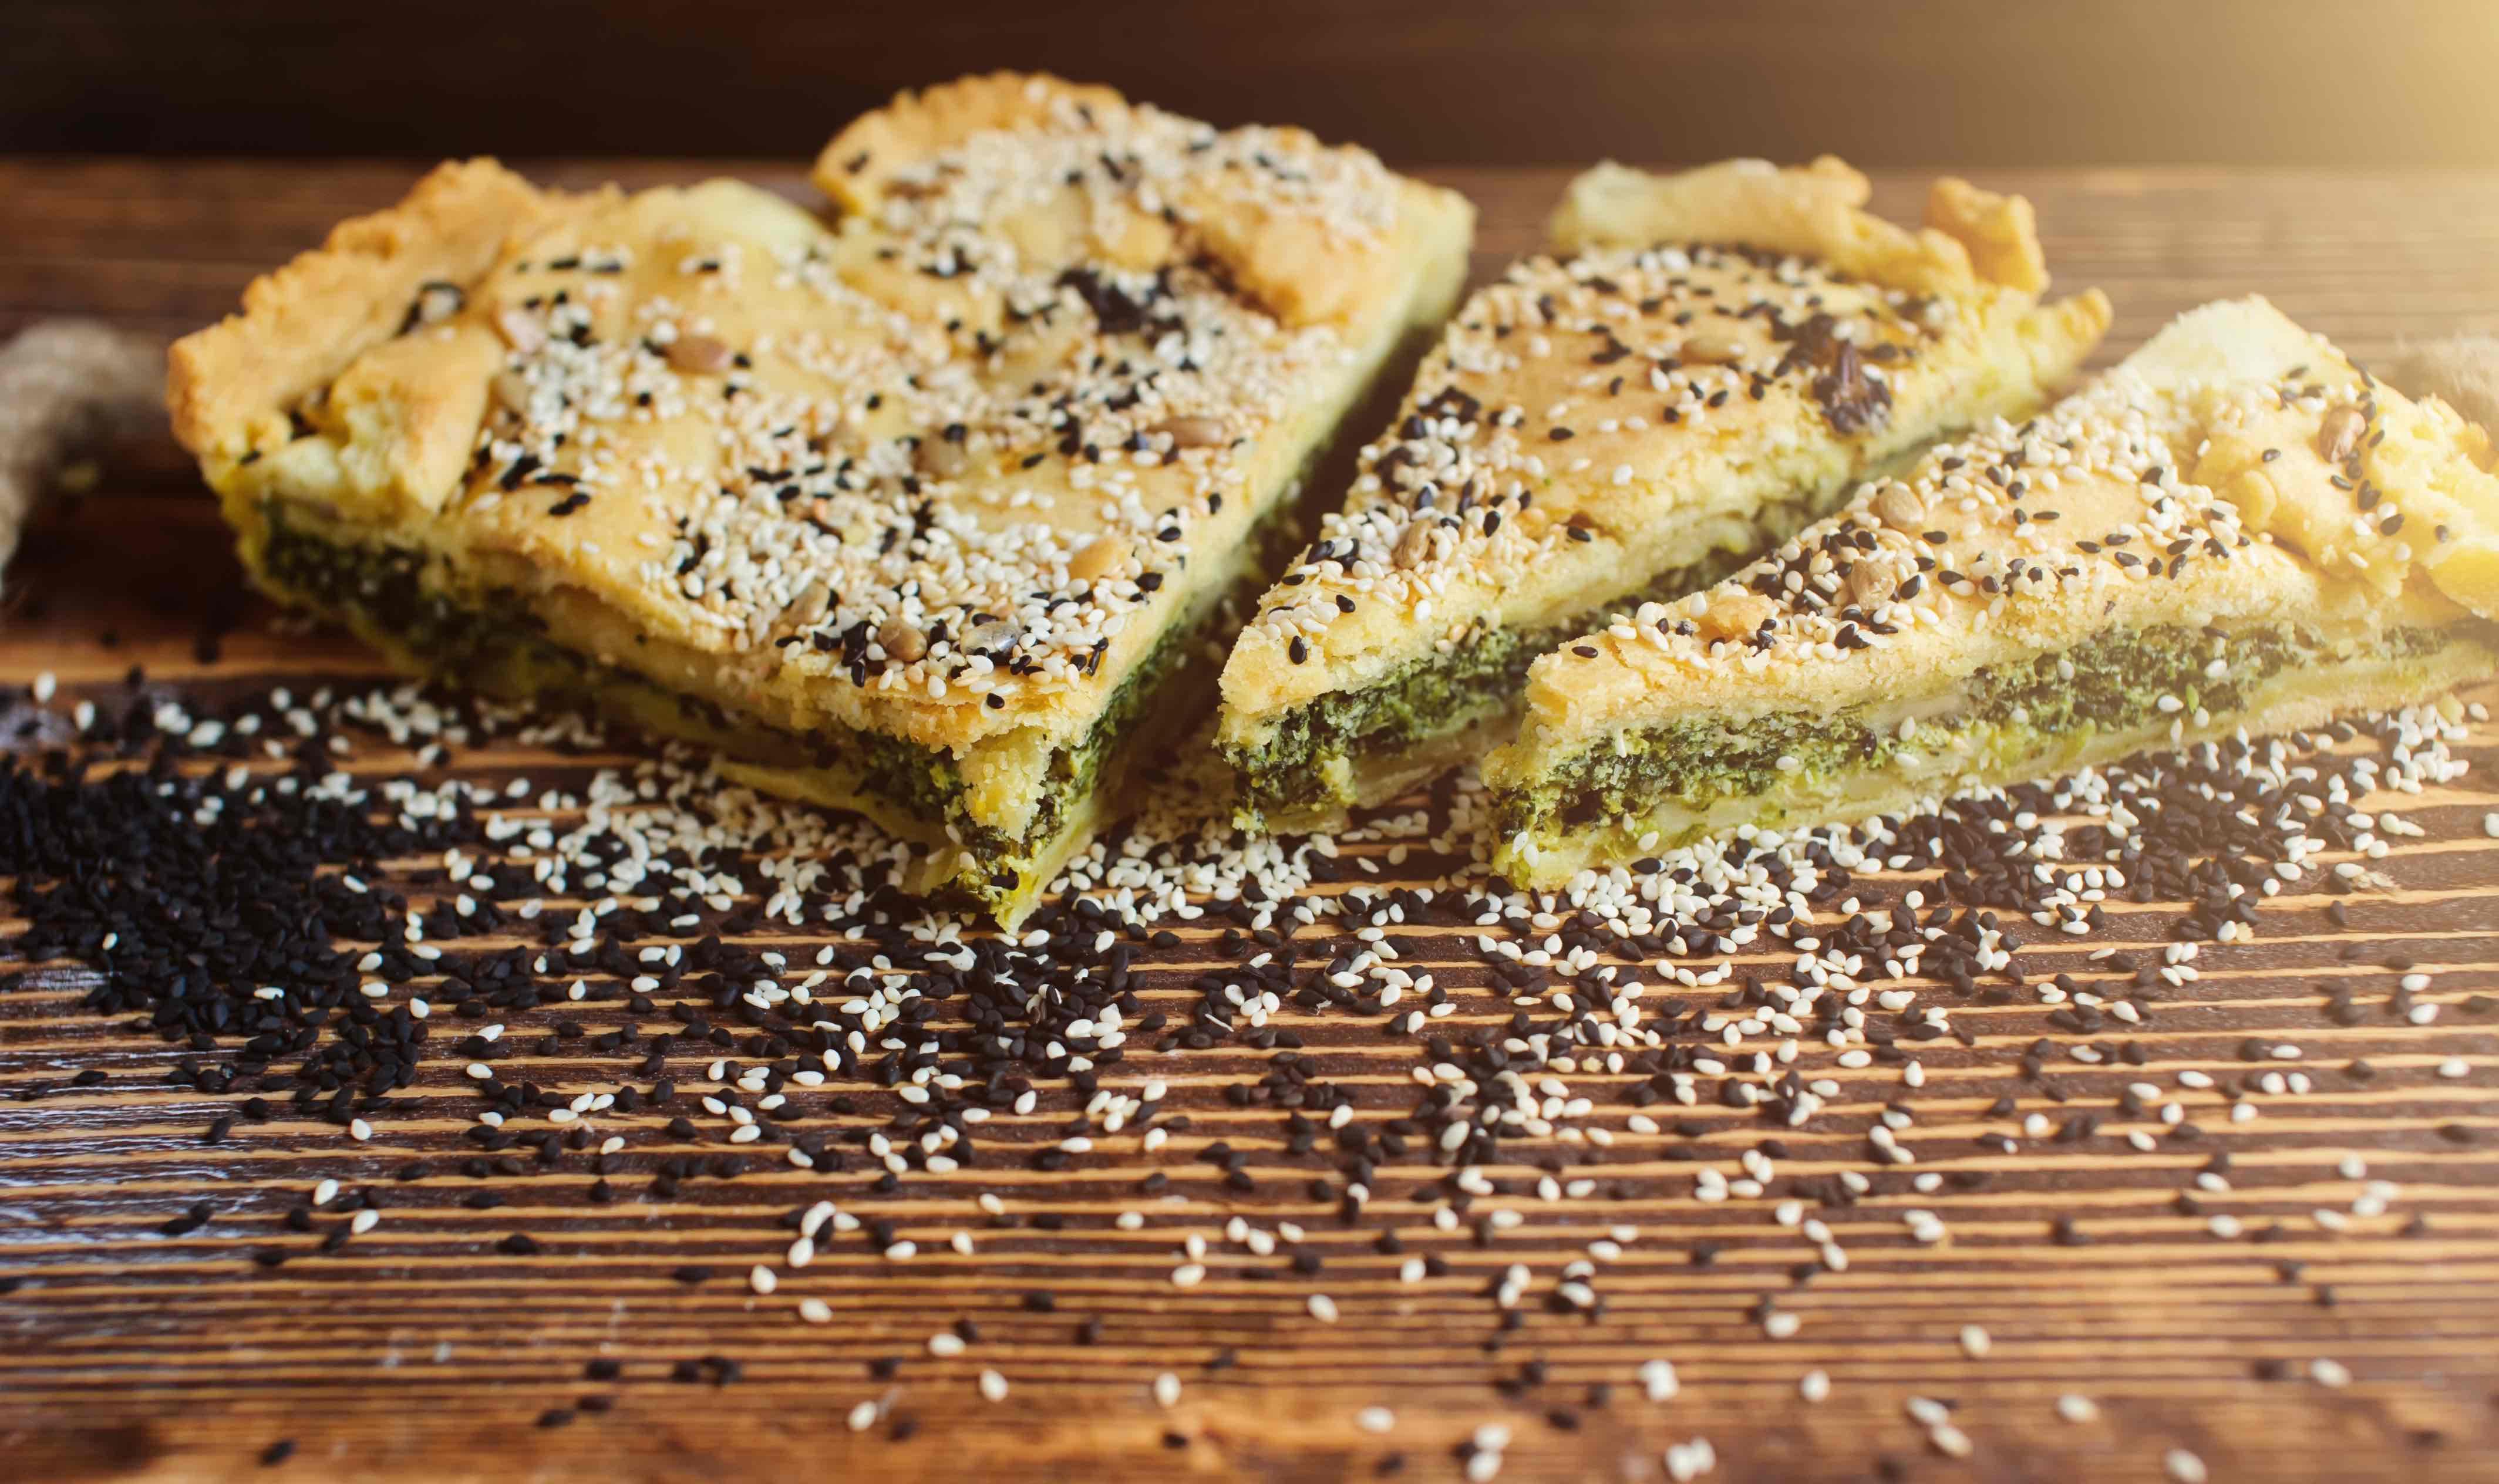 Brokolicový koláč se sezamovými semínky